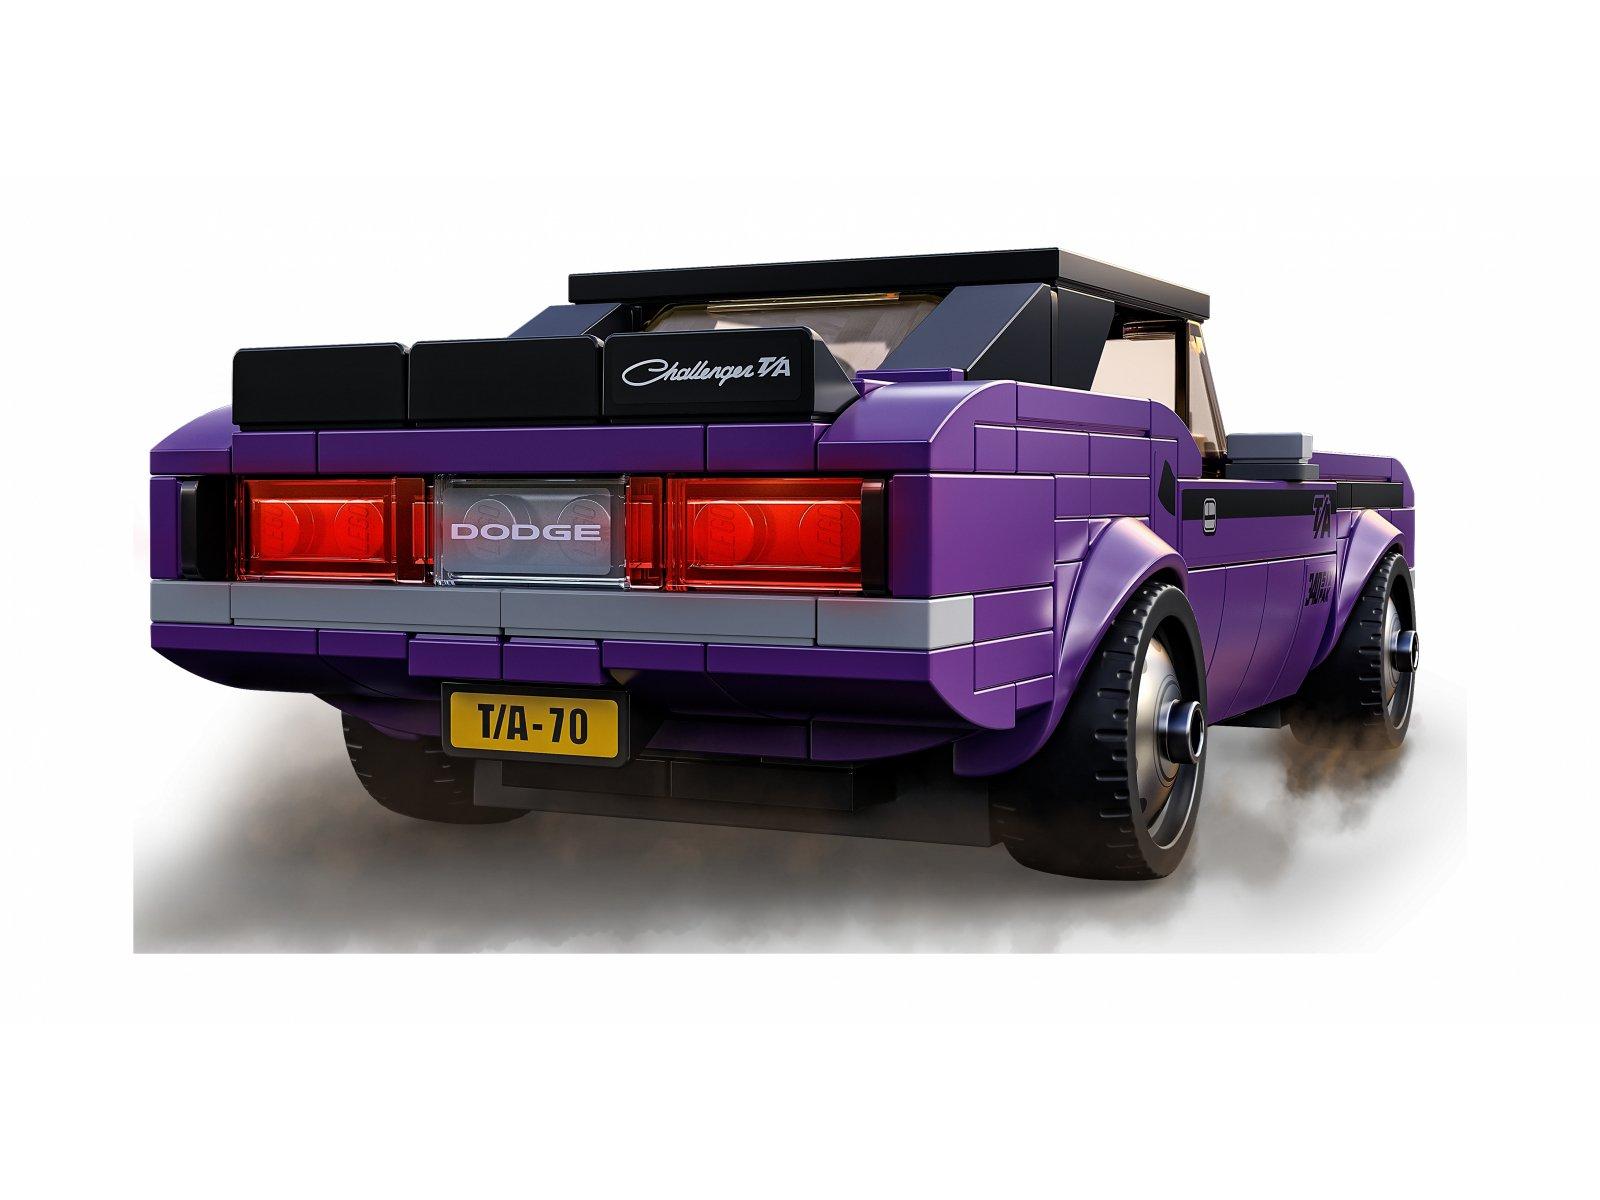 LEGO 76904 Speed Champions Mopar Dodge//SRT Top Fuel Dragster i 1970 Dodge Challenger T/A